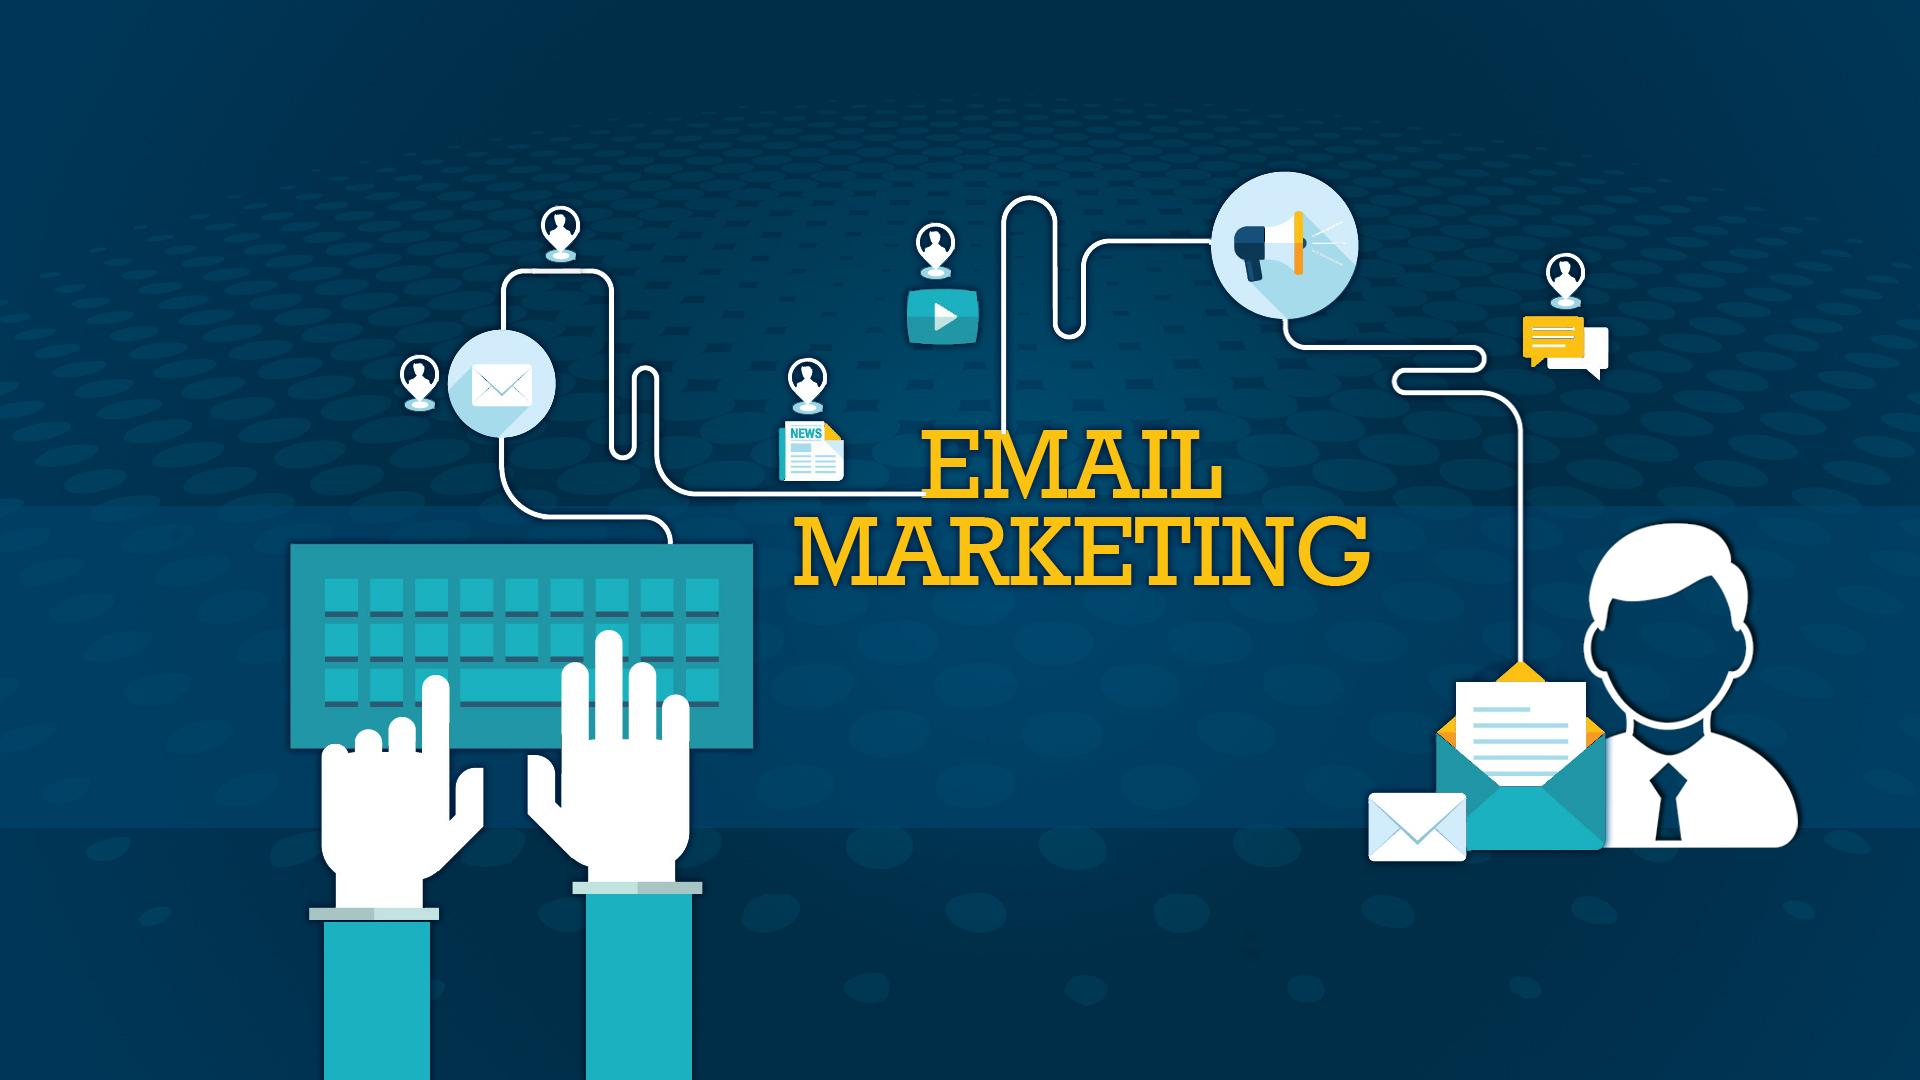 از سیر تا پیاز دیجیتال مارکتینگ – قسمت یازدهم : ایمیل، قدیمی ترین ابزار بازاریابی آنلاین